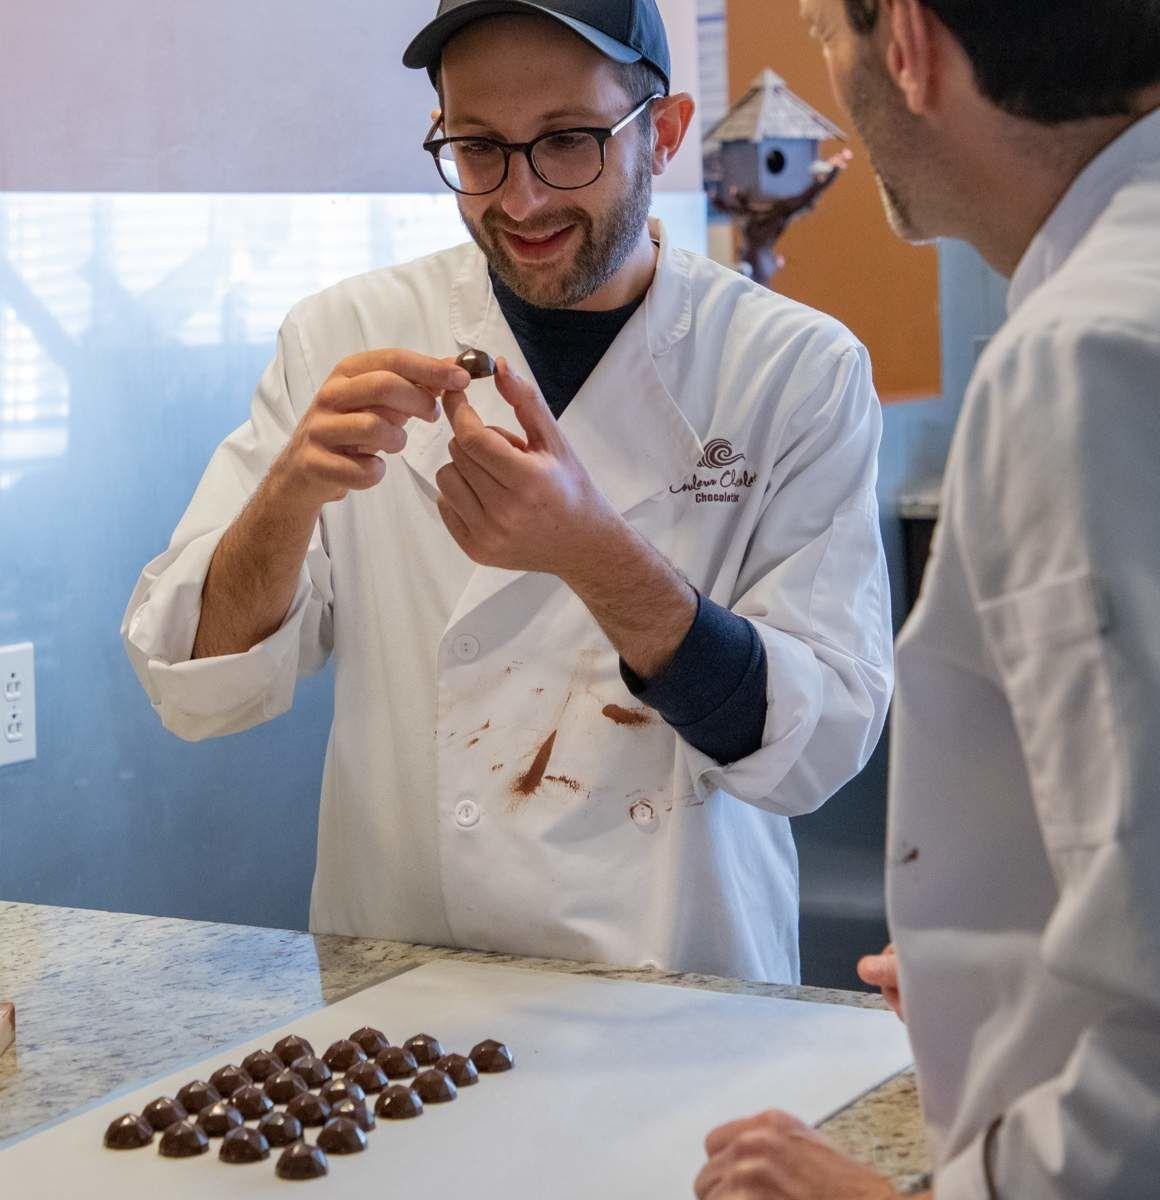 Michael avec Carl Pelletier, de la chocolaterie Couleur Chocolat, confectionnant du chocolat